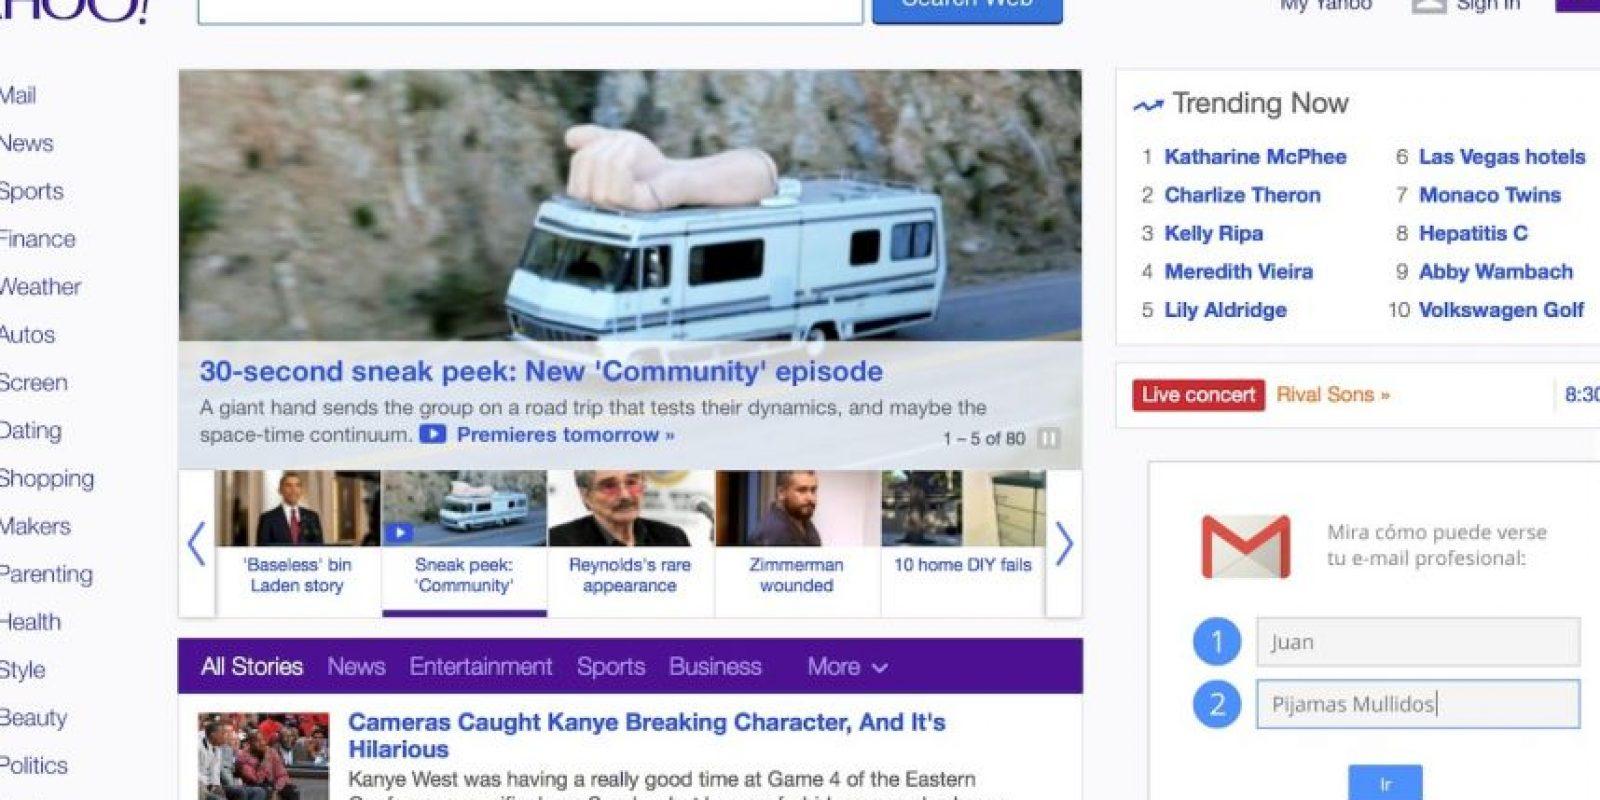 Así se ve Yahoo en la actualidad. Foto:Yahoo